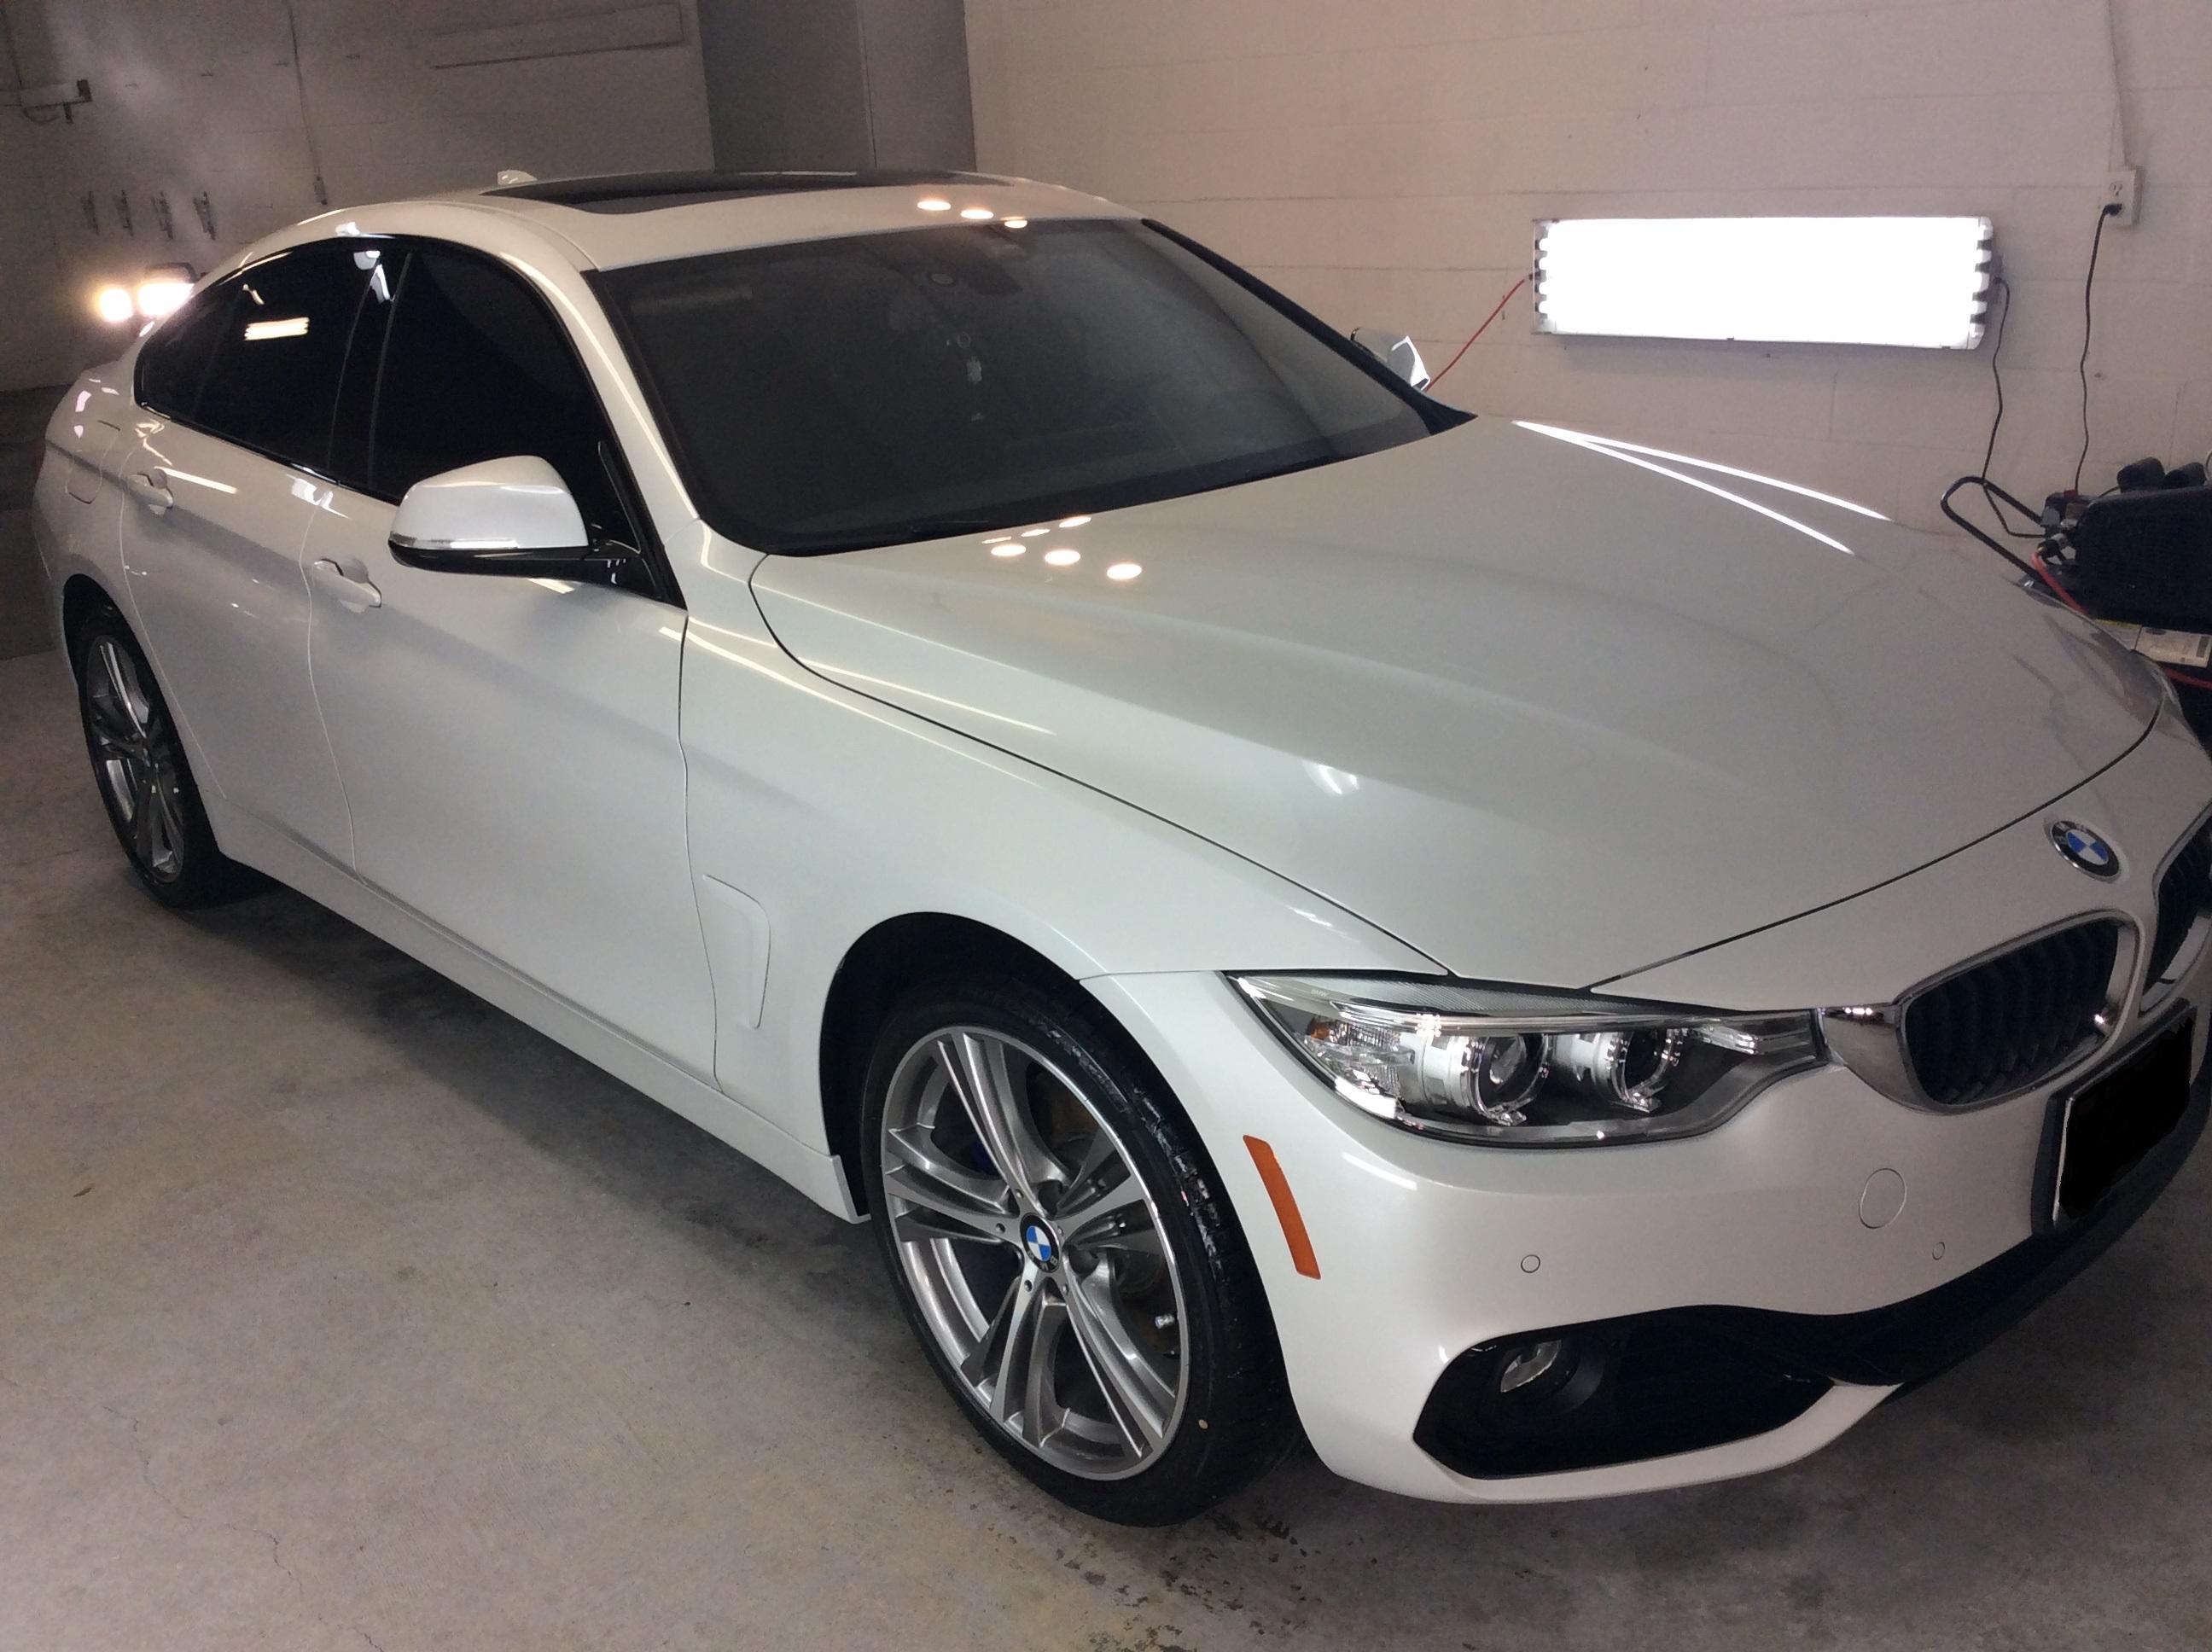 BMW Opti-Coat Pro Plus